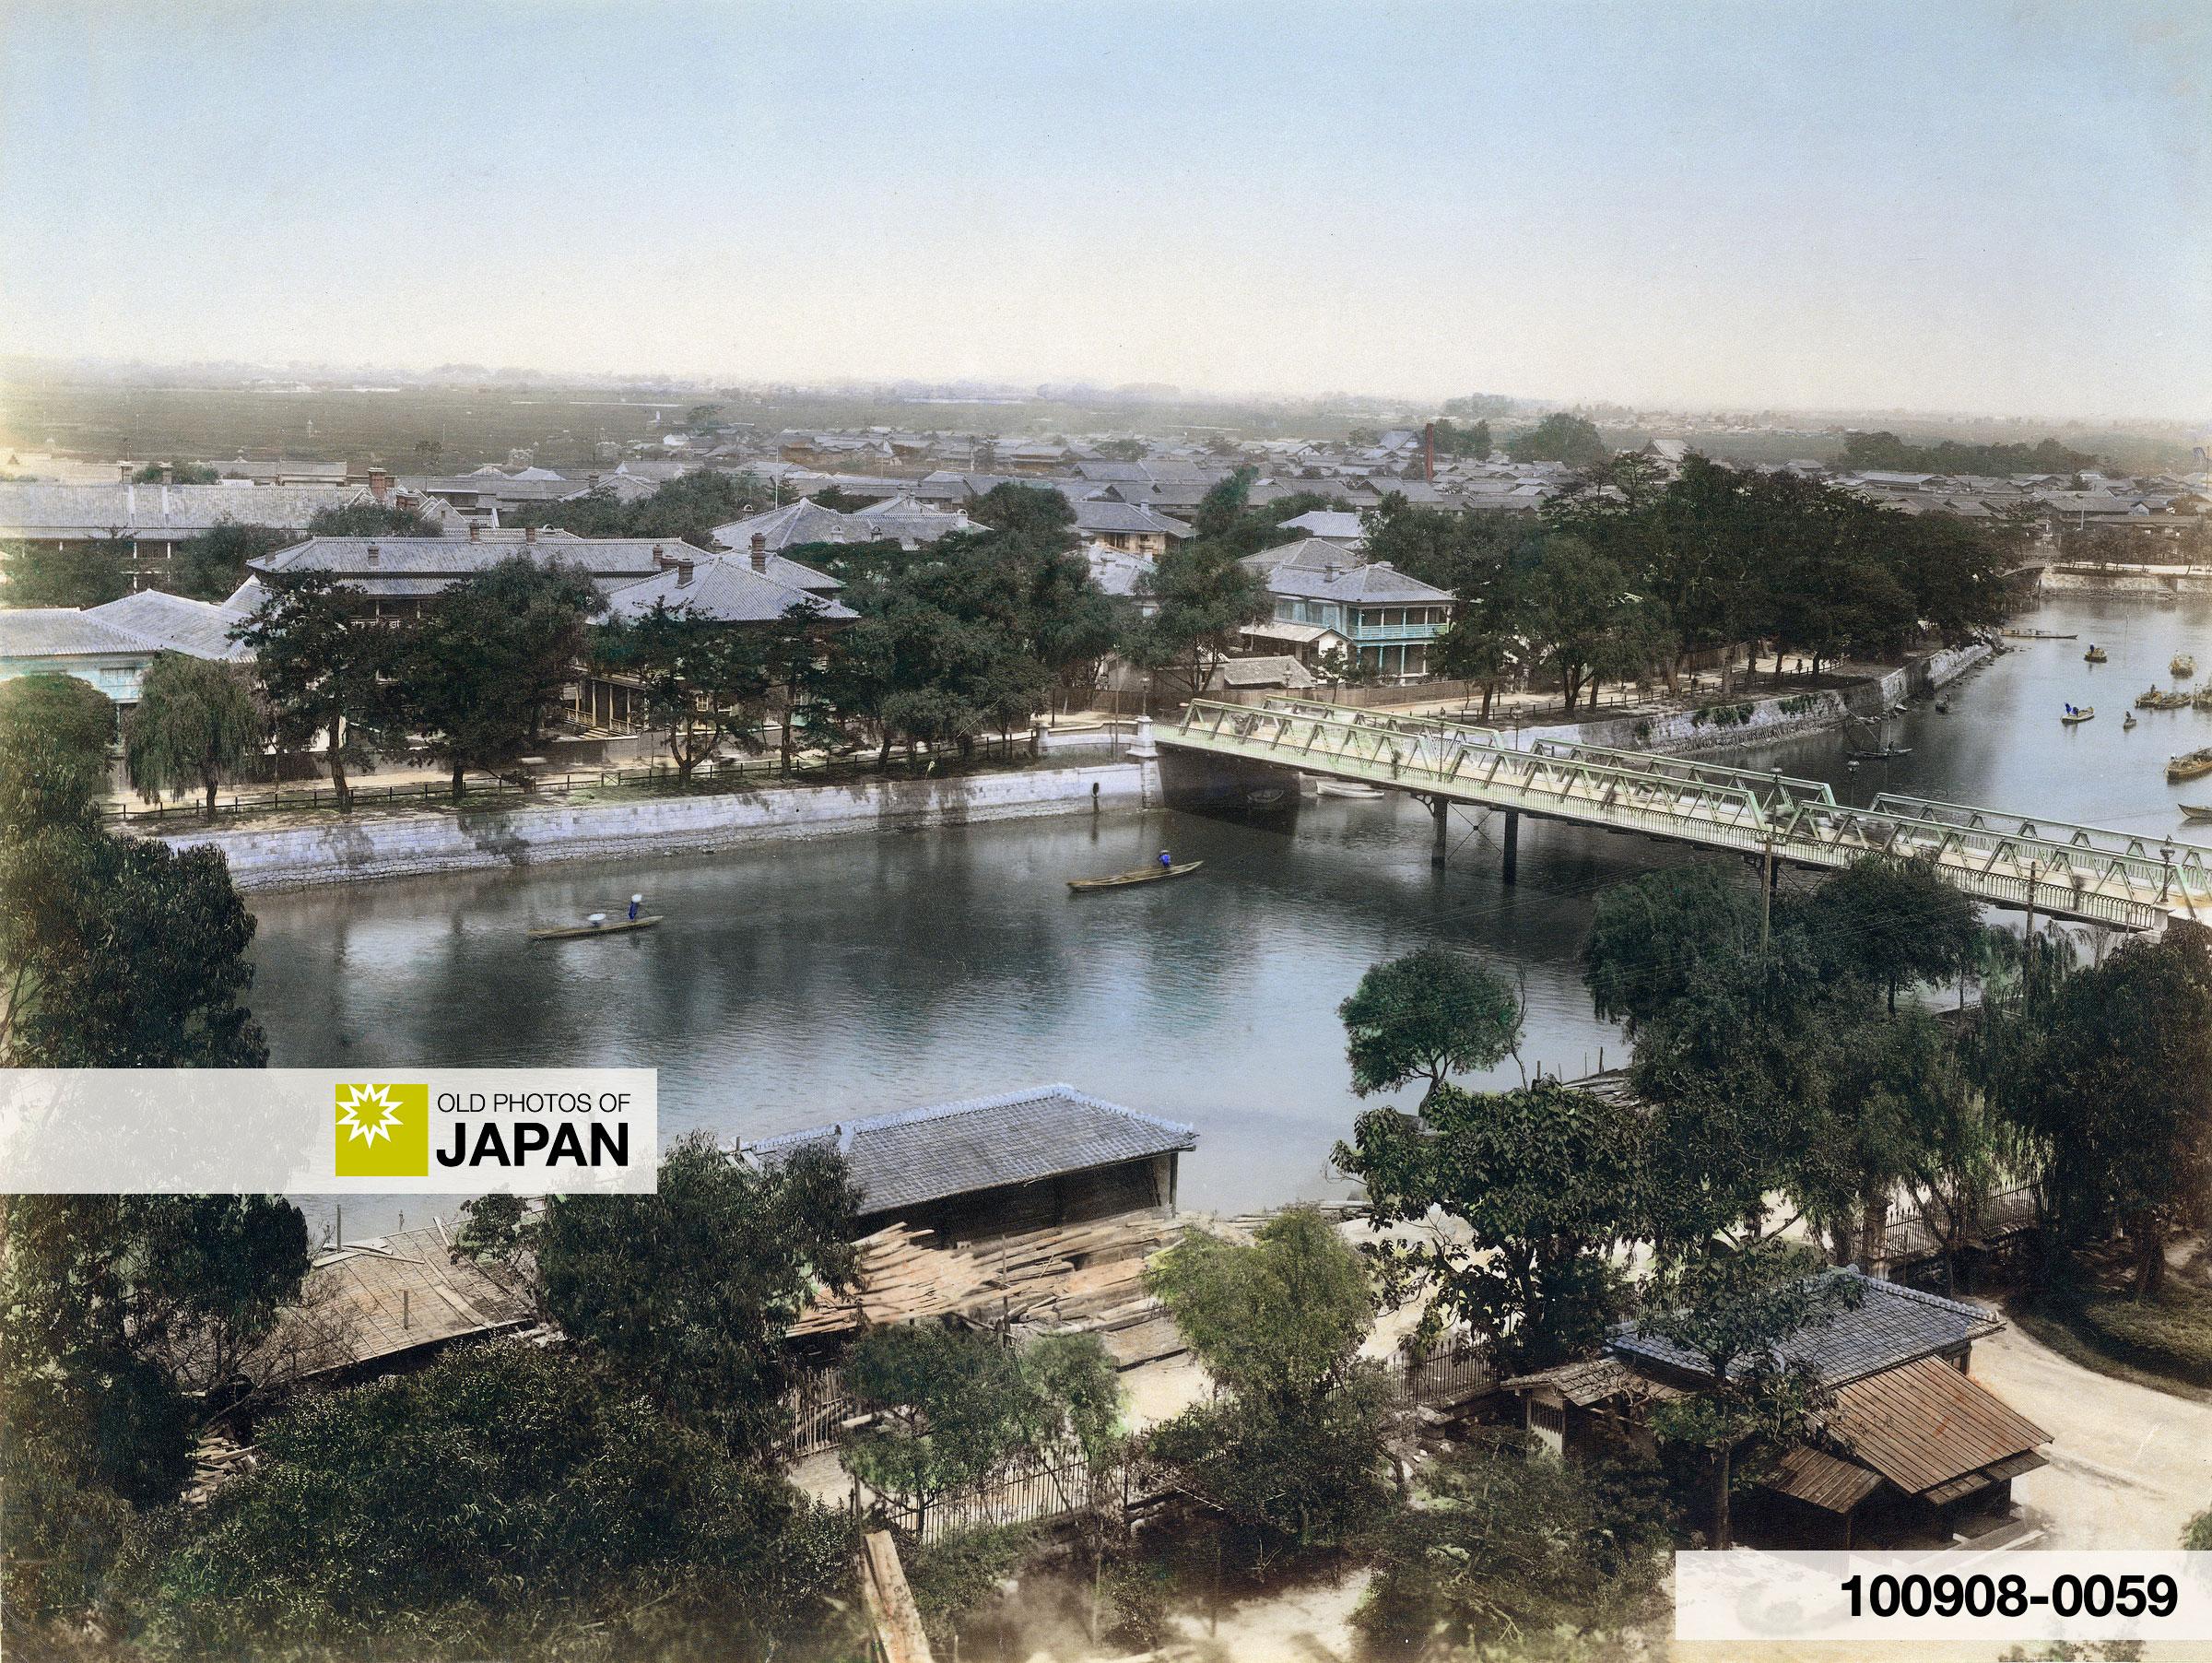 100908-0059 - Kawaguchi Foreign Settlement in Osaka